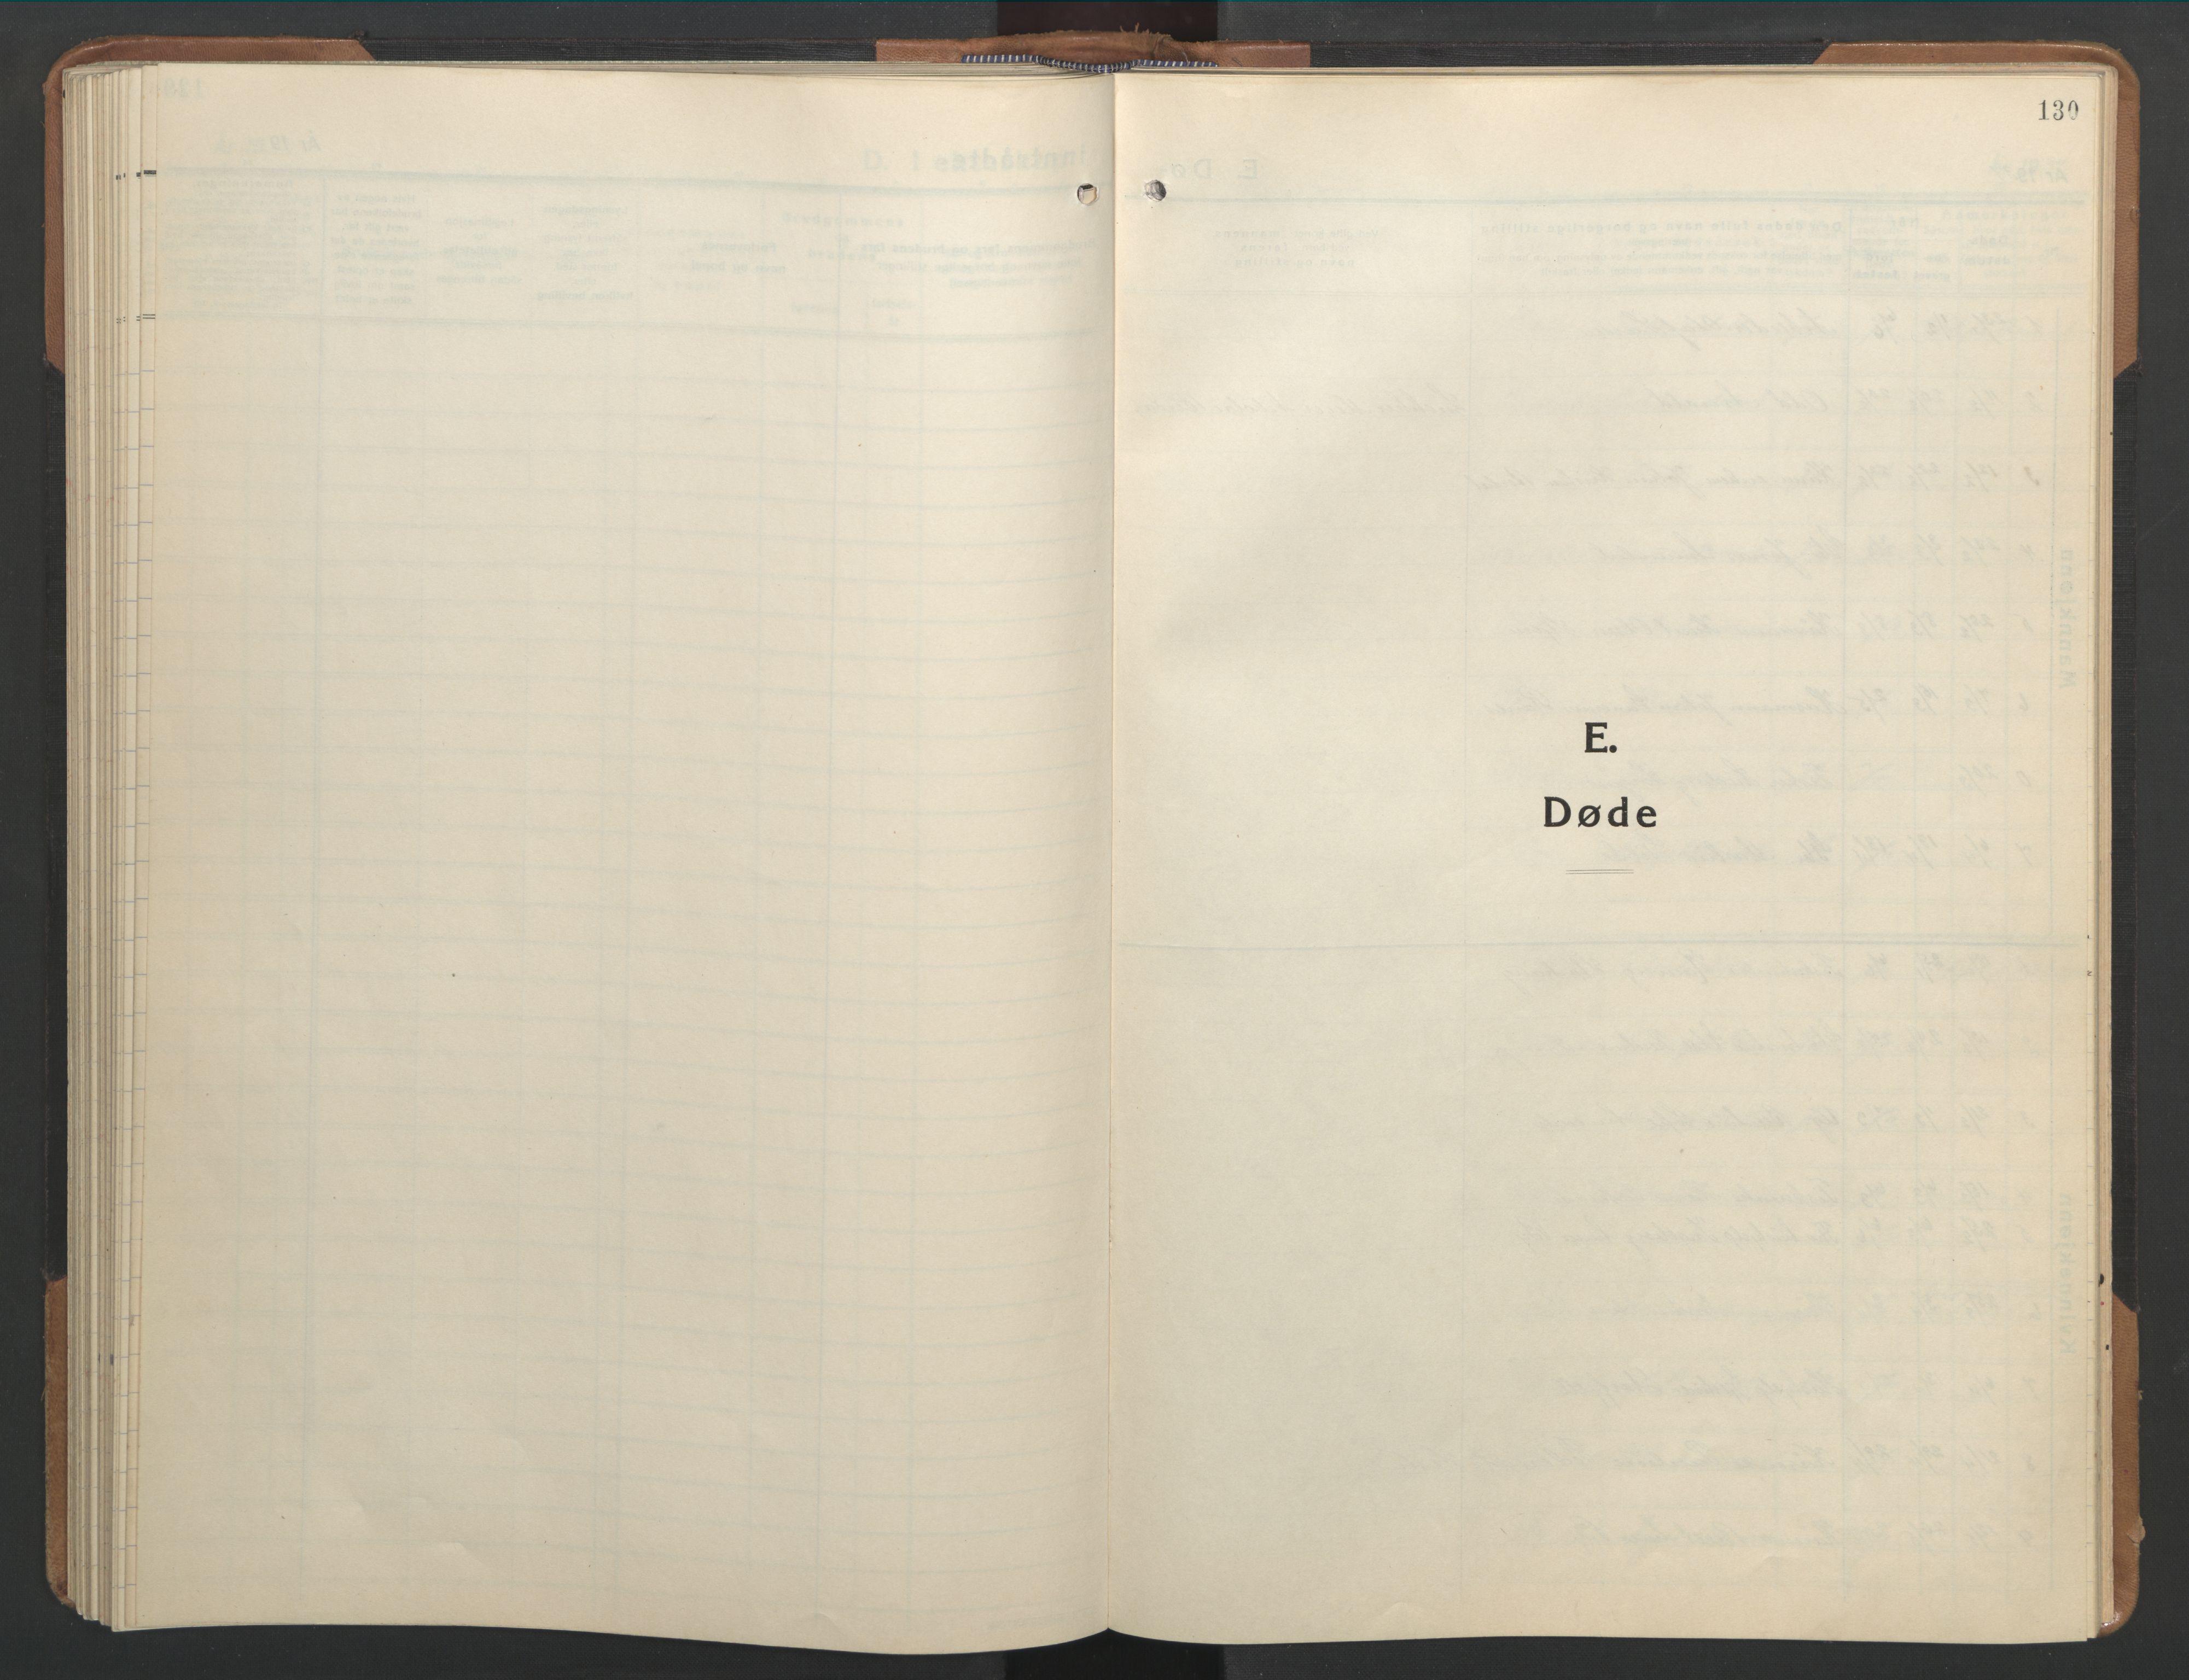 SAT, Ministerialprotokoller, klokkerbøker og fødselsregistre - Sør-Trøndelag, 655/L0690: Klokkerbok nr. 655C06, 1937-1950, s. 130